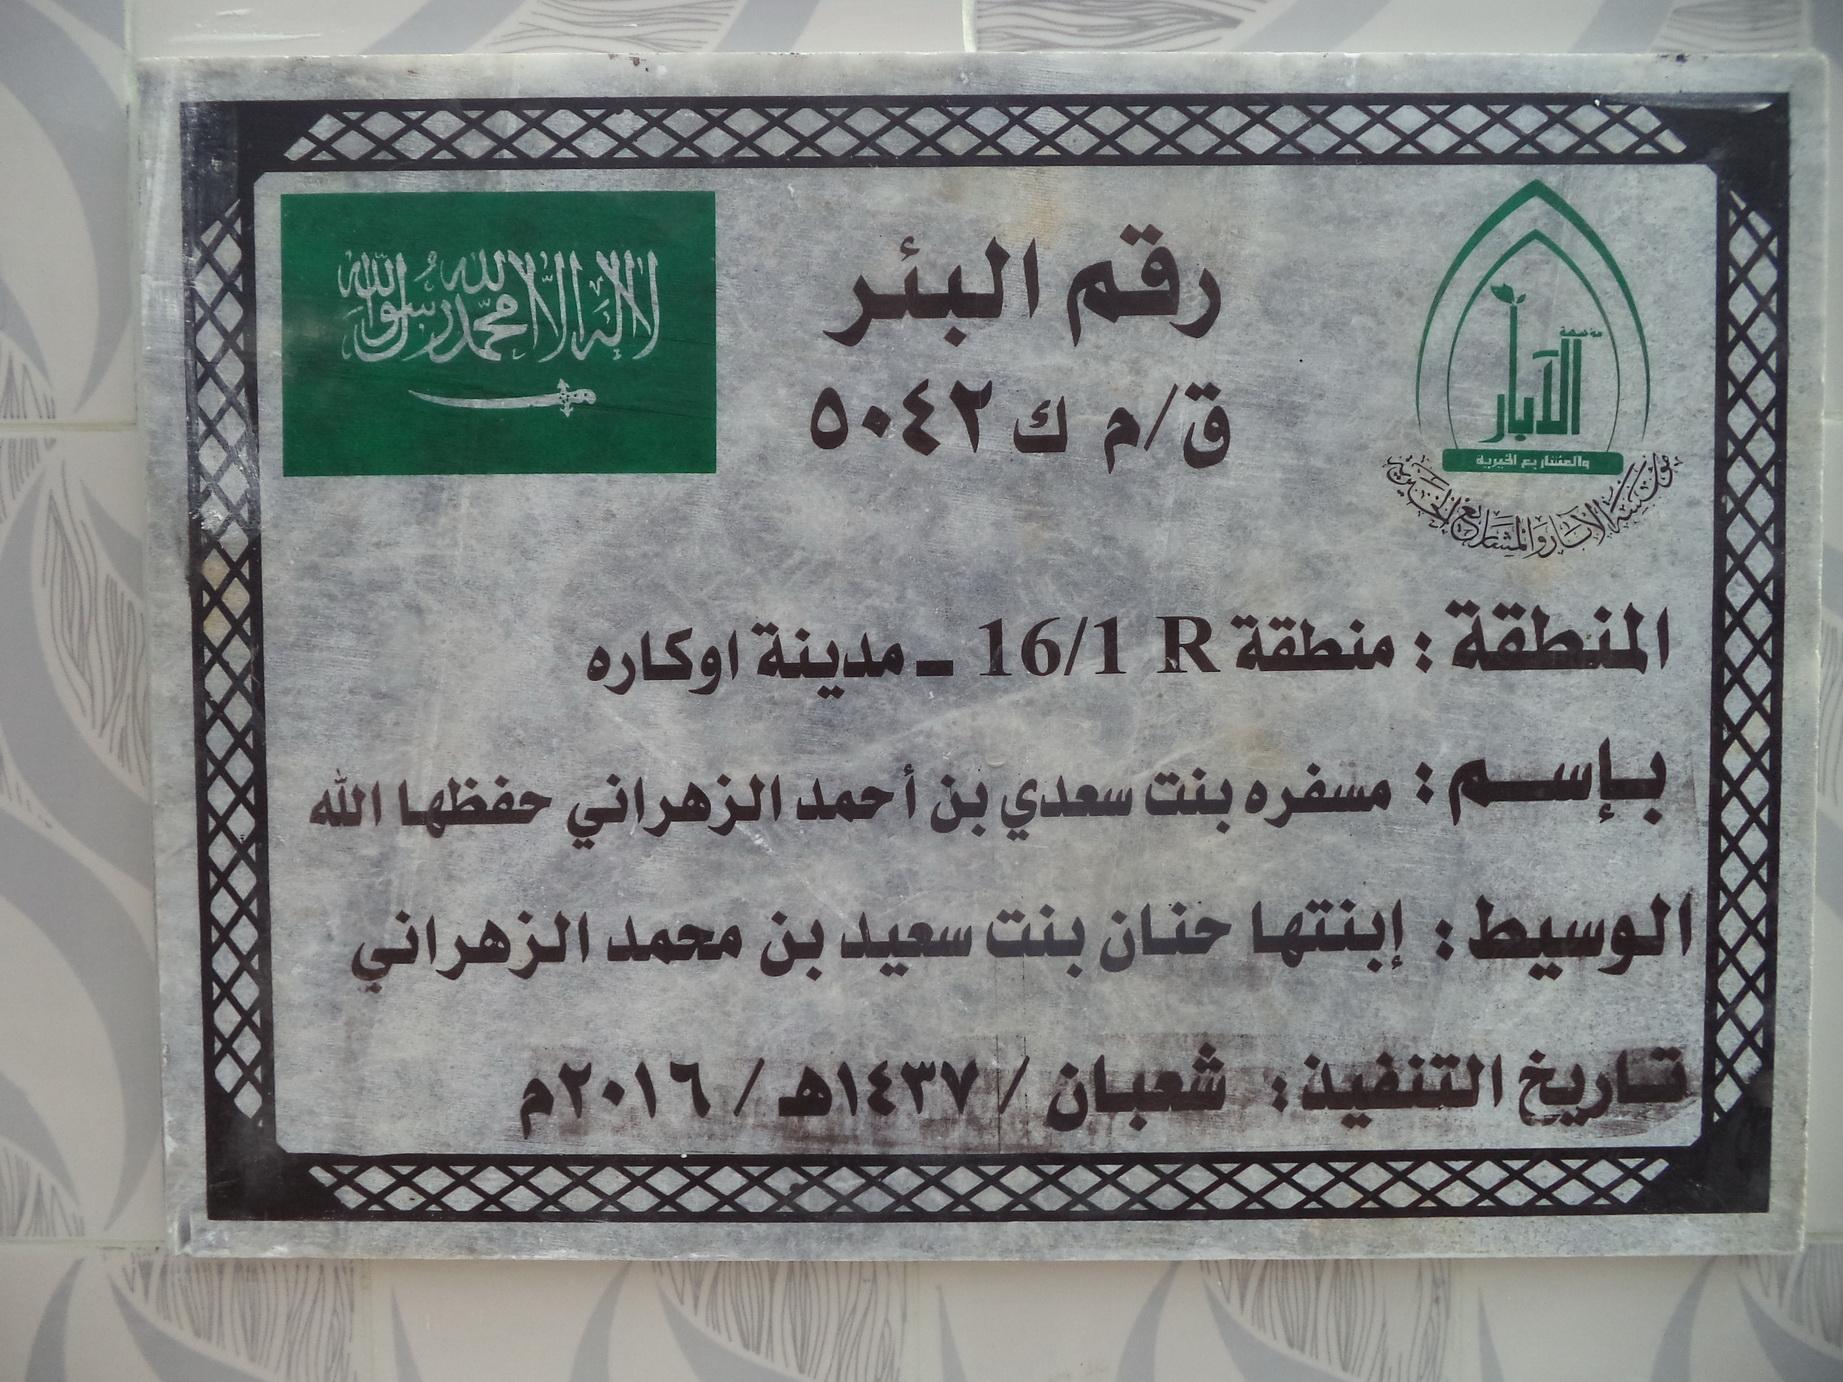 Photo of حفر بئر بإسم/ مسفره بنت سعدي بن أحمد الزهراني حفظها الله (ق/م ك 5042)